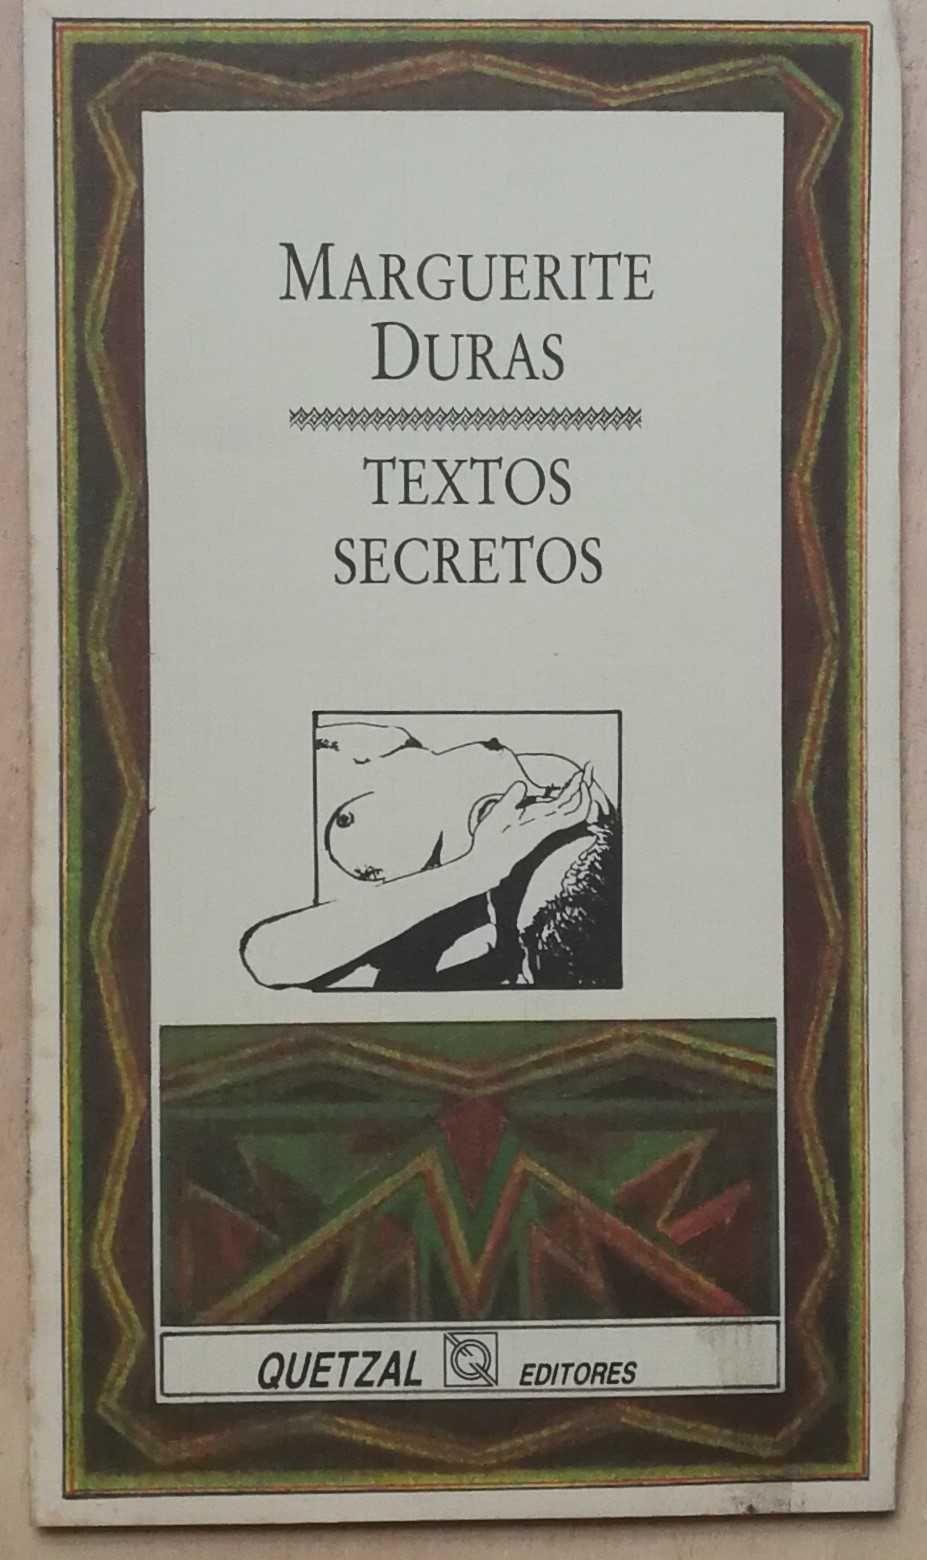 textos secretos, marguerite duras, quetzal editores